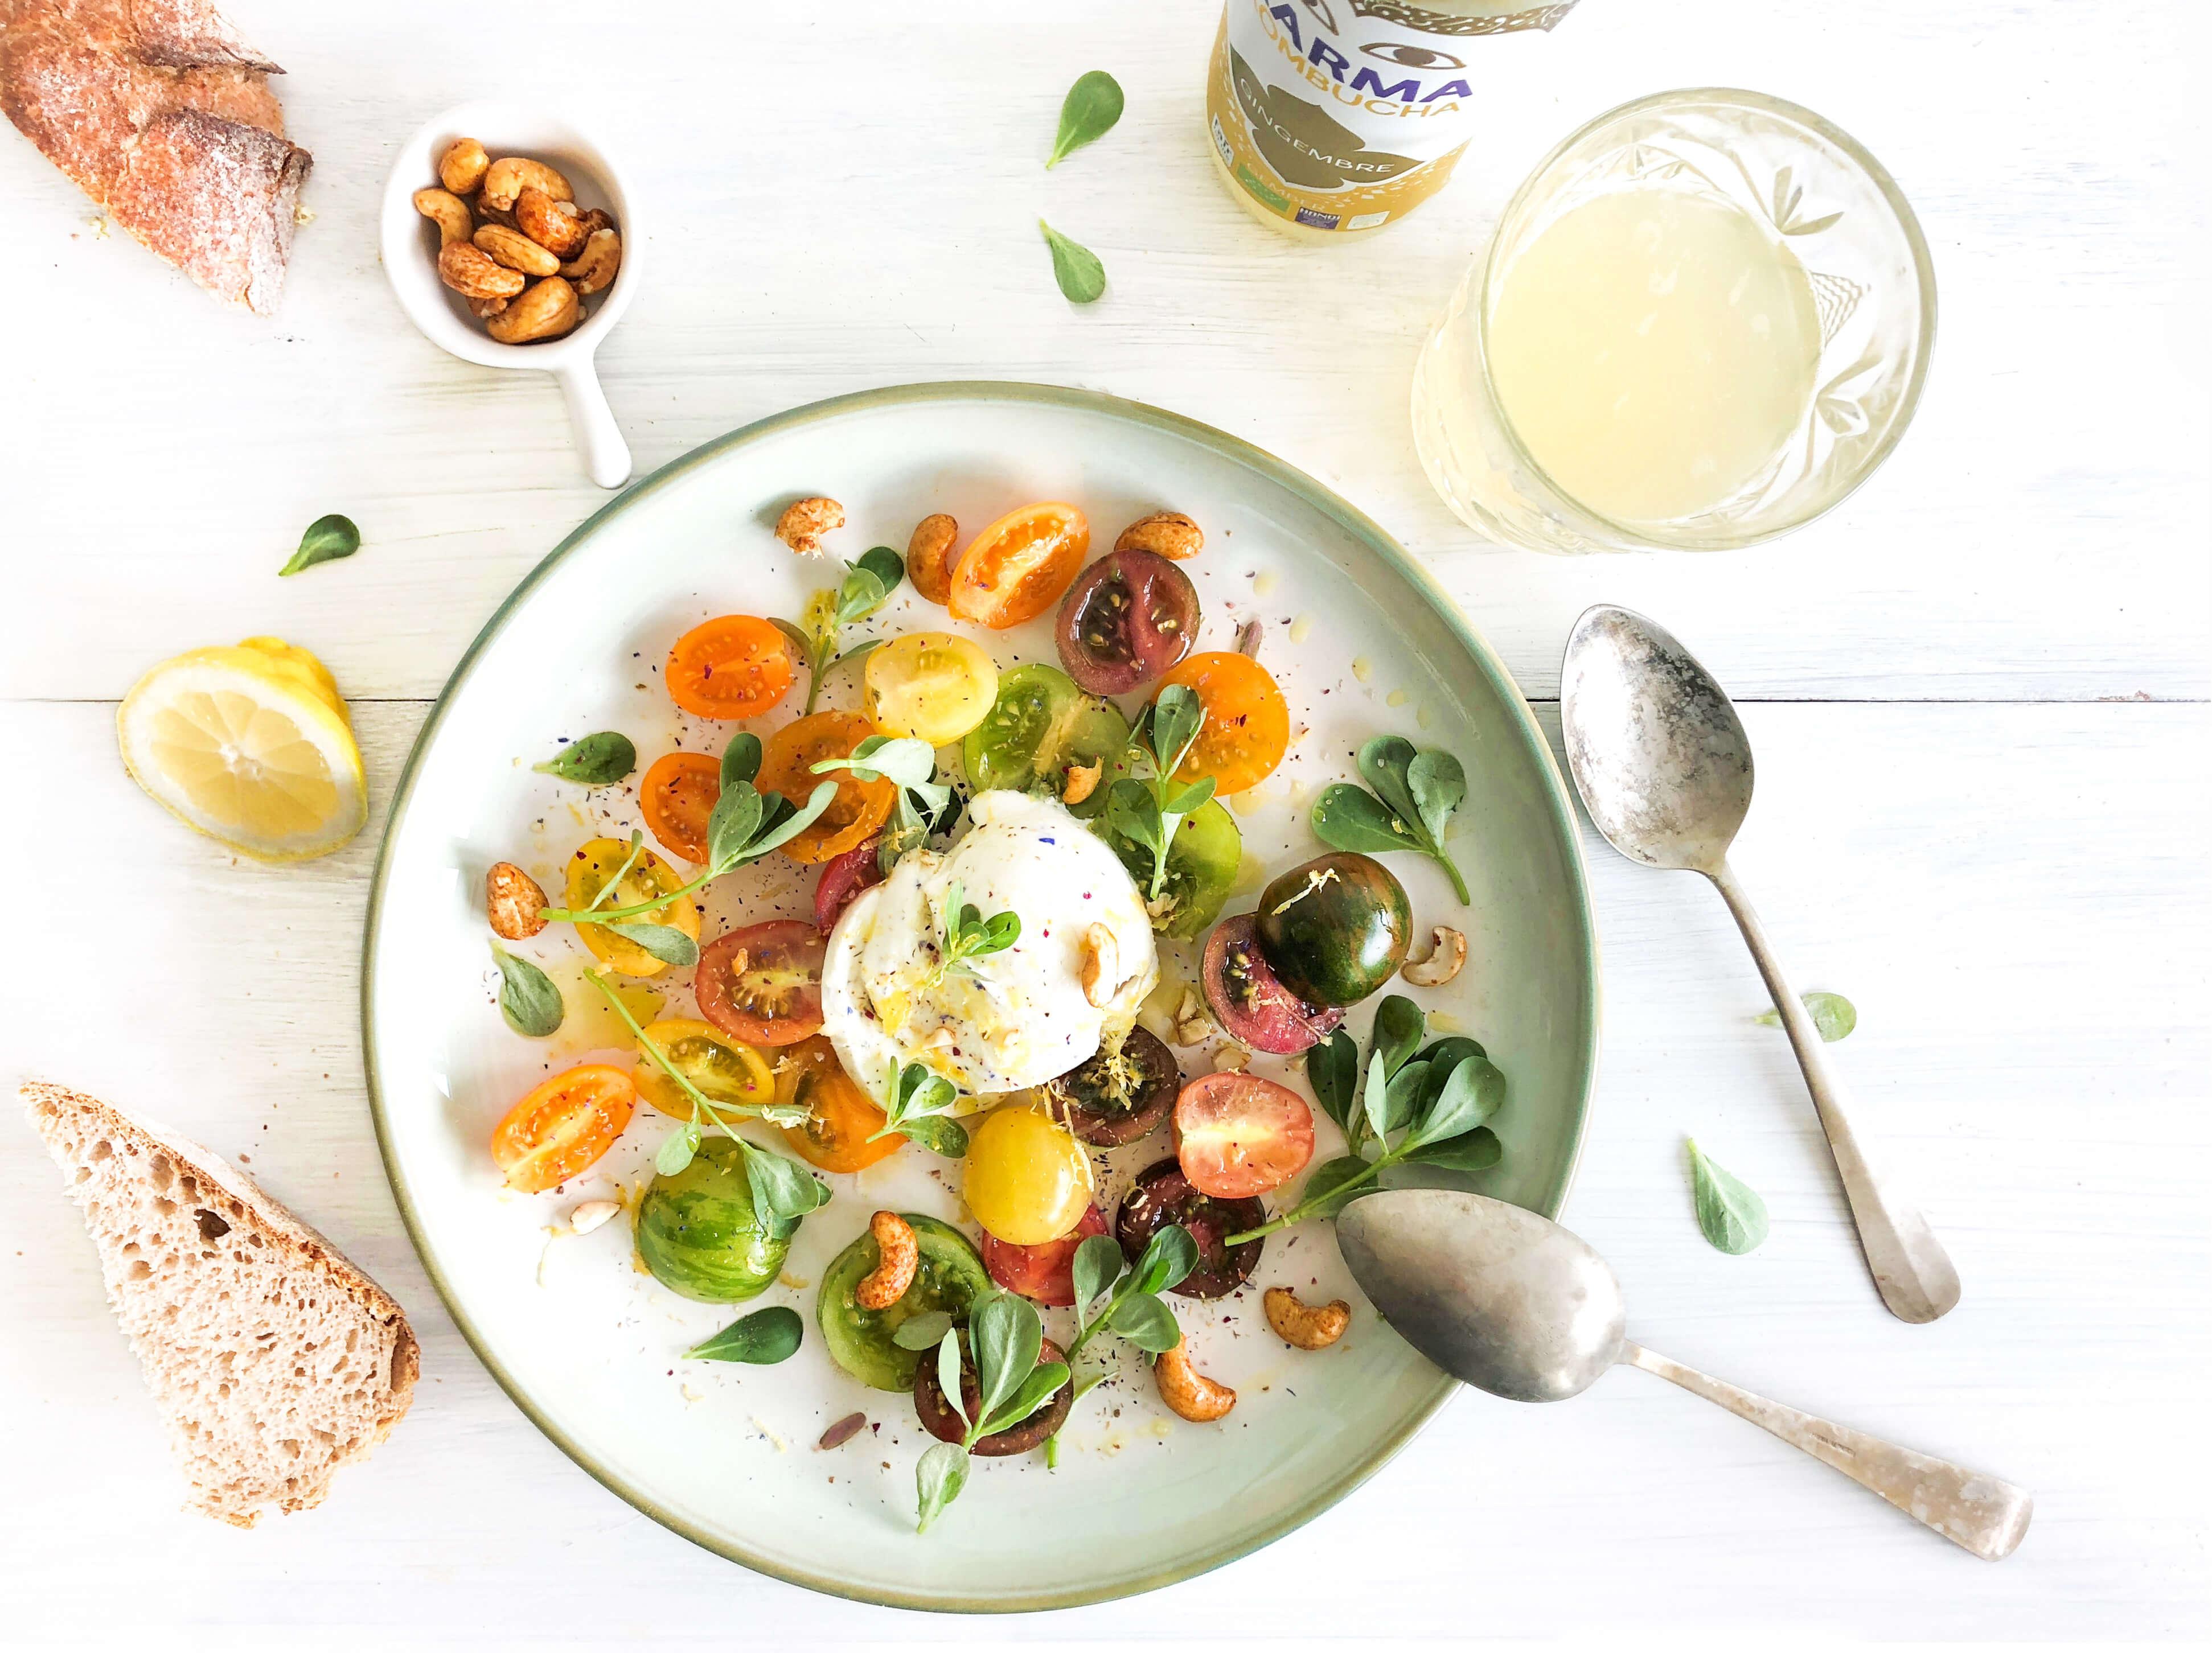 The Lemon Kitchen heeft met EkoPlaza producten een gerecht gemaakt met buffel mozzarella, gekleurde tomaatjes en cashewnoten